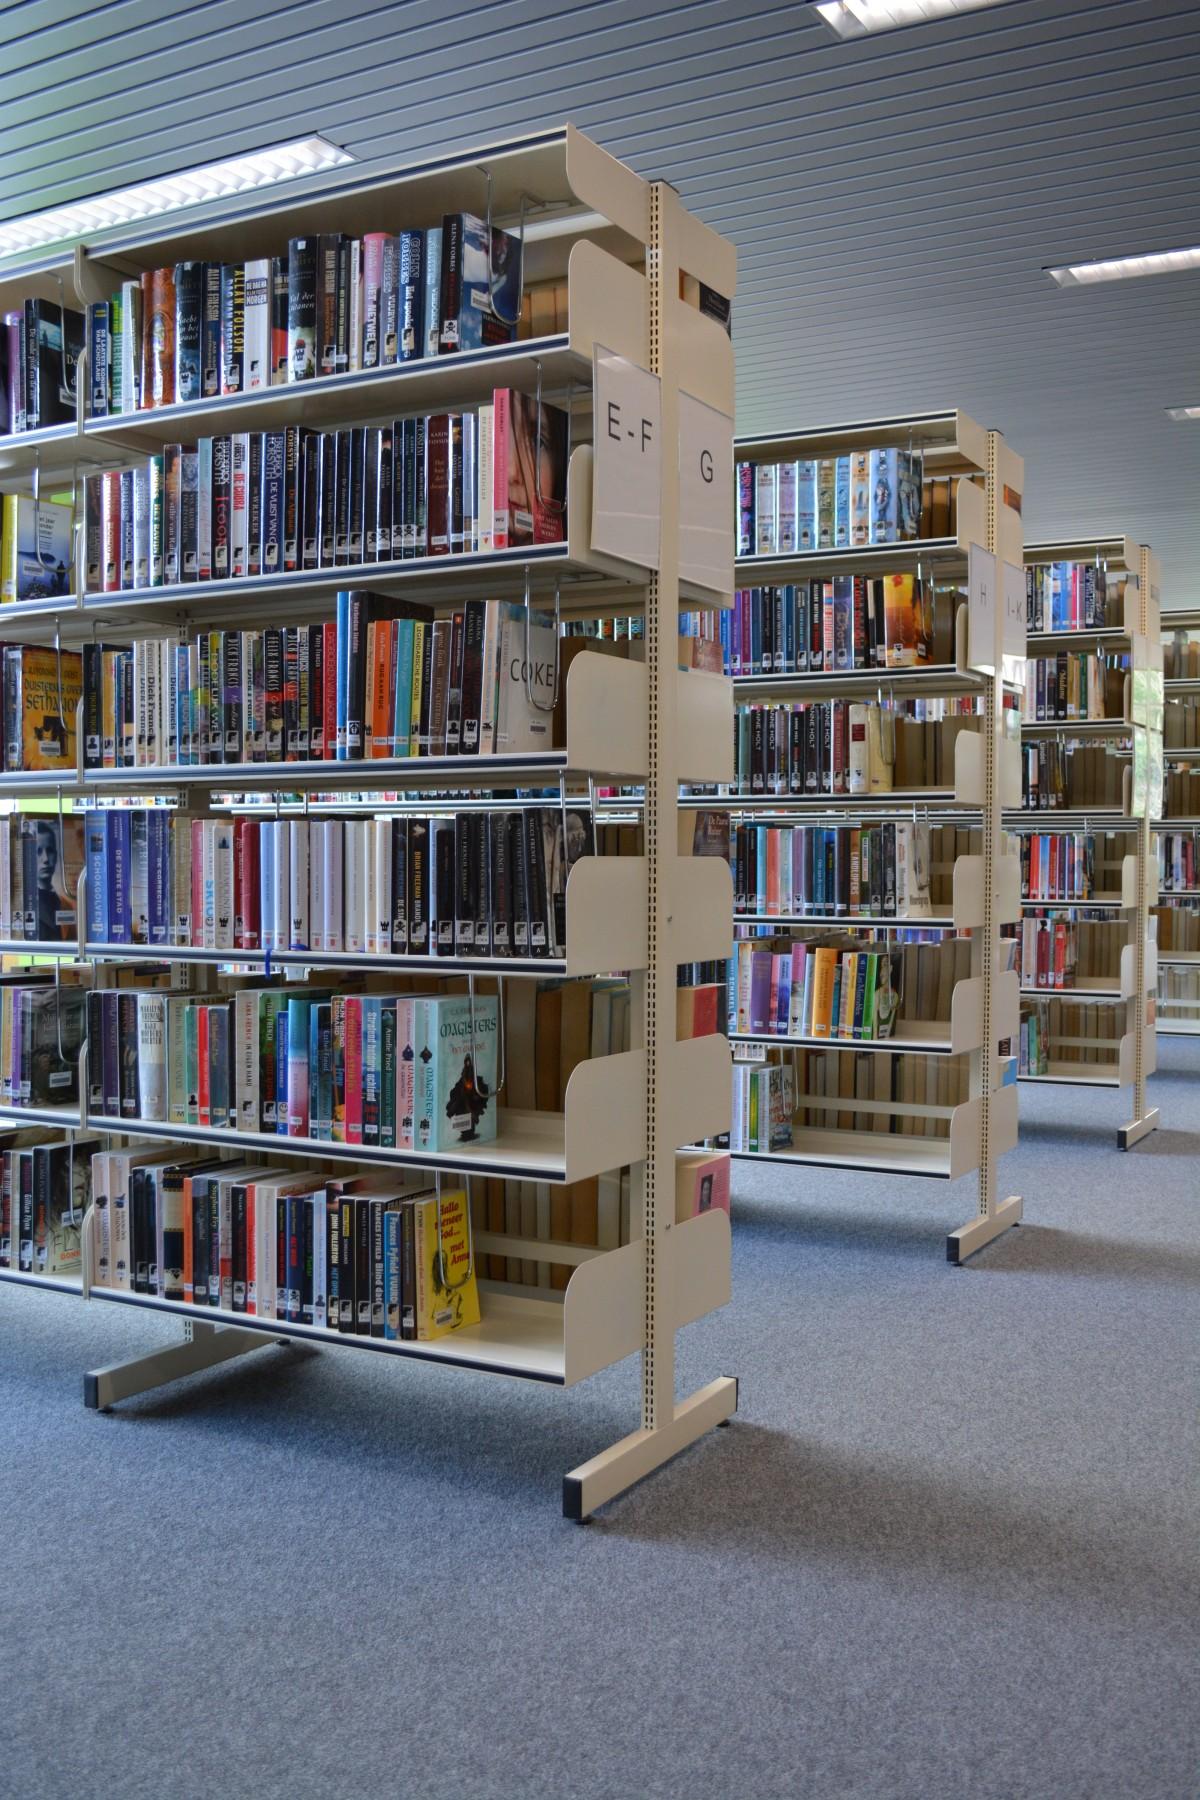 Fotos gratis leer madera mueble habitaci n estante for Libros diseno interiores